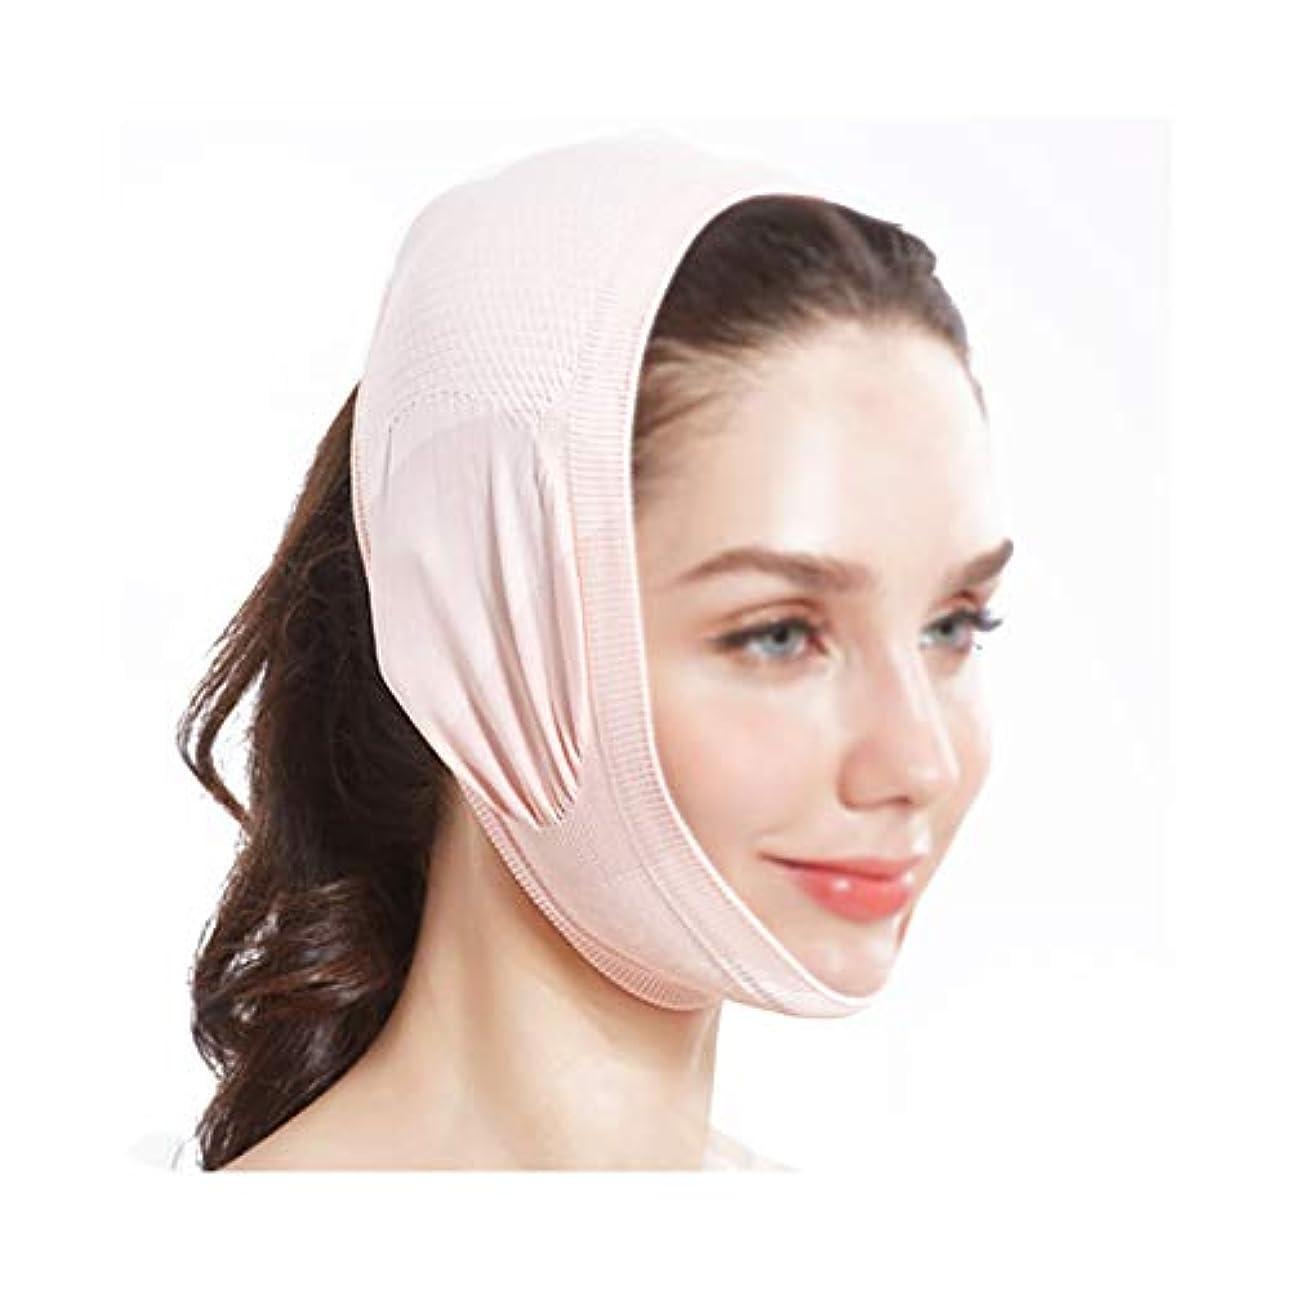 呼び起こす調子薄いGLJJQMY フェイスリフトマスクマスクエクステンション強度フェースレス包帯フェイシャルラージVライン彫刻フェイシャルバックカバーネックバンド 顔用整形マスク (Color : Pink)